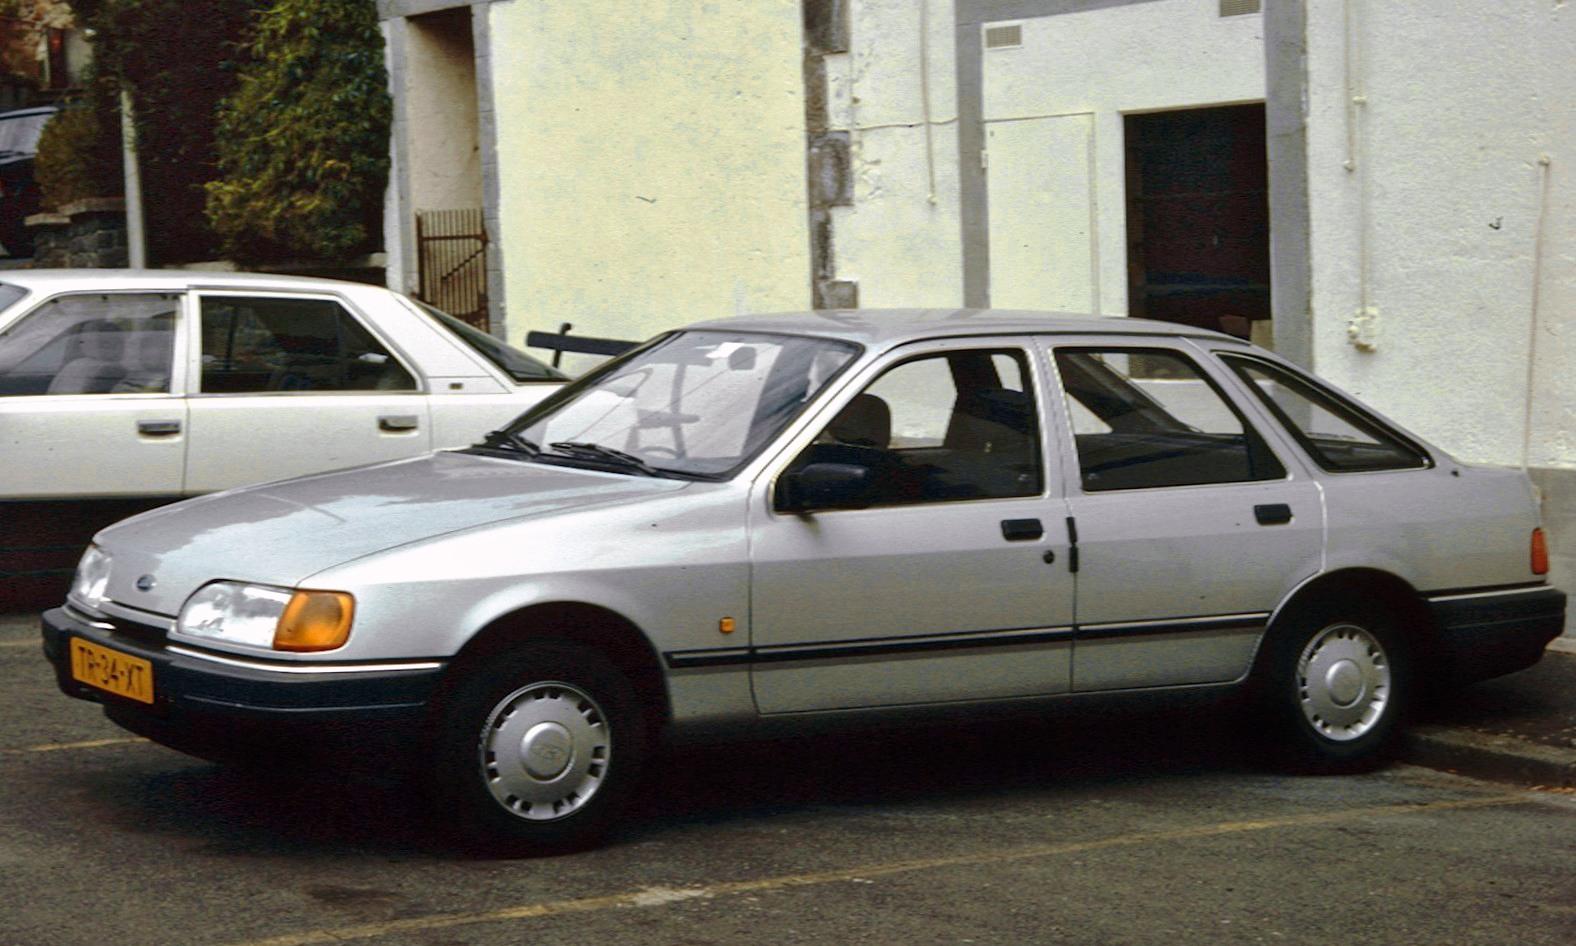 Ford Sierra I Restyling 1987 - 1993 Hatchback 5 door #4